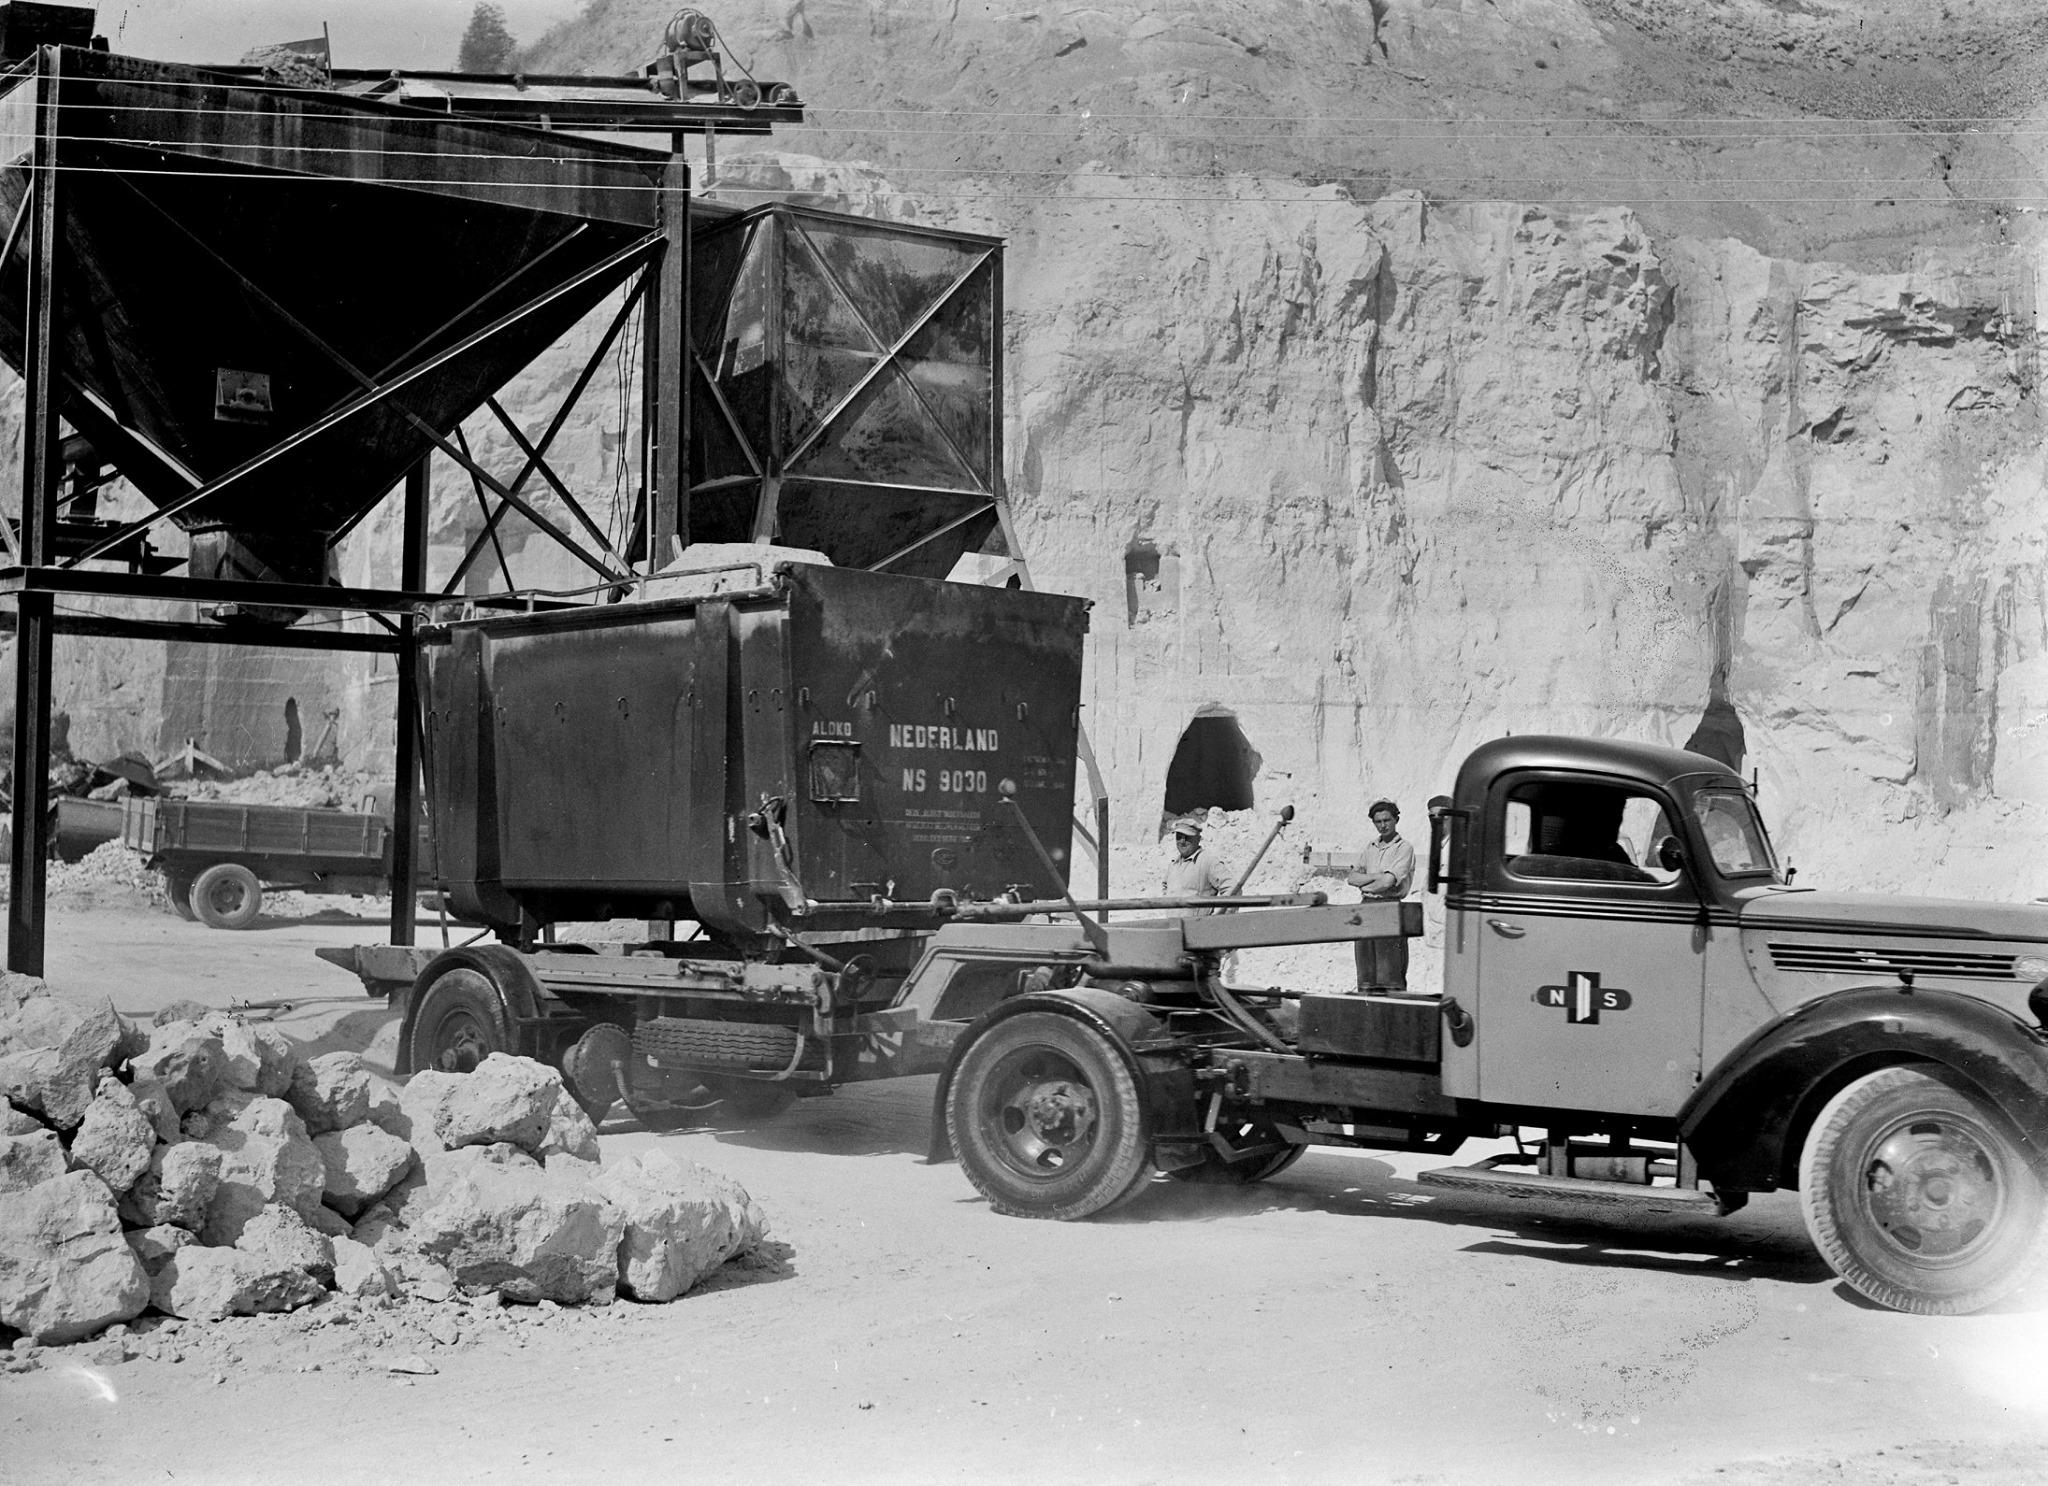 1951-Vrachtauto-van-de-NS-met-een-autolaadkist-voor-het-vervoer-van-kalk-in-een-kalksteengroeve-te-Maastricht